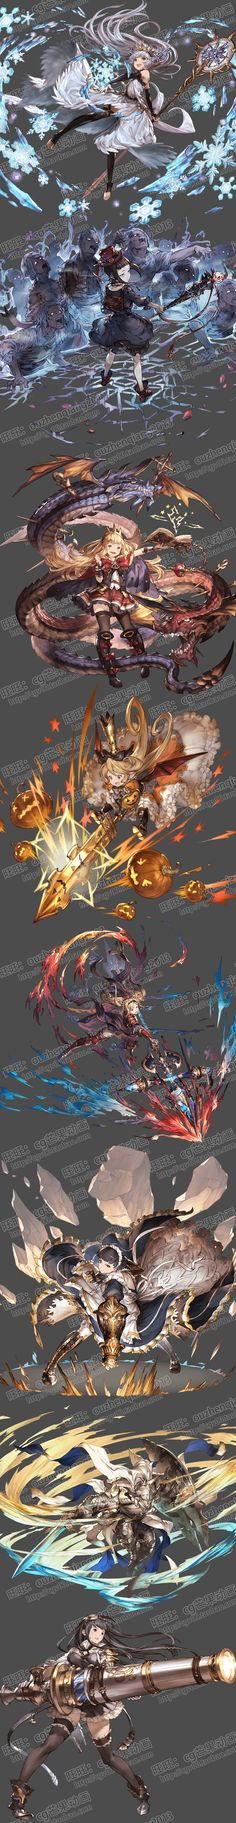 日系卡牌游戏 原画素材 手游背景 立绘 角色 怪物设定 场景资料